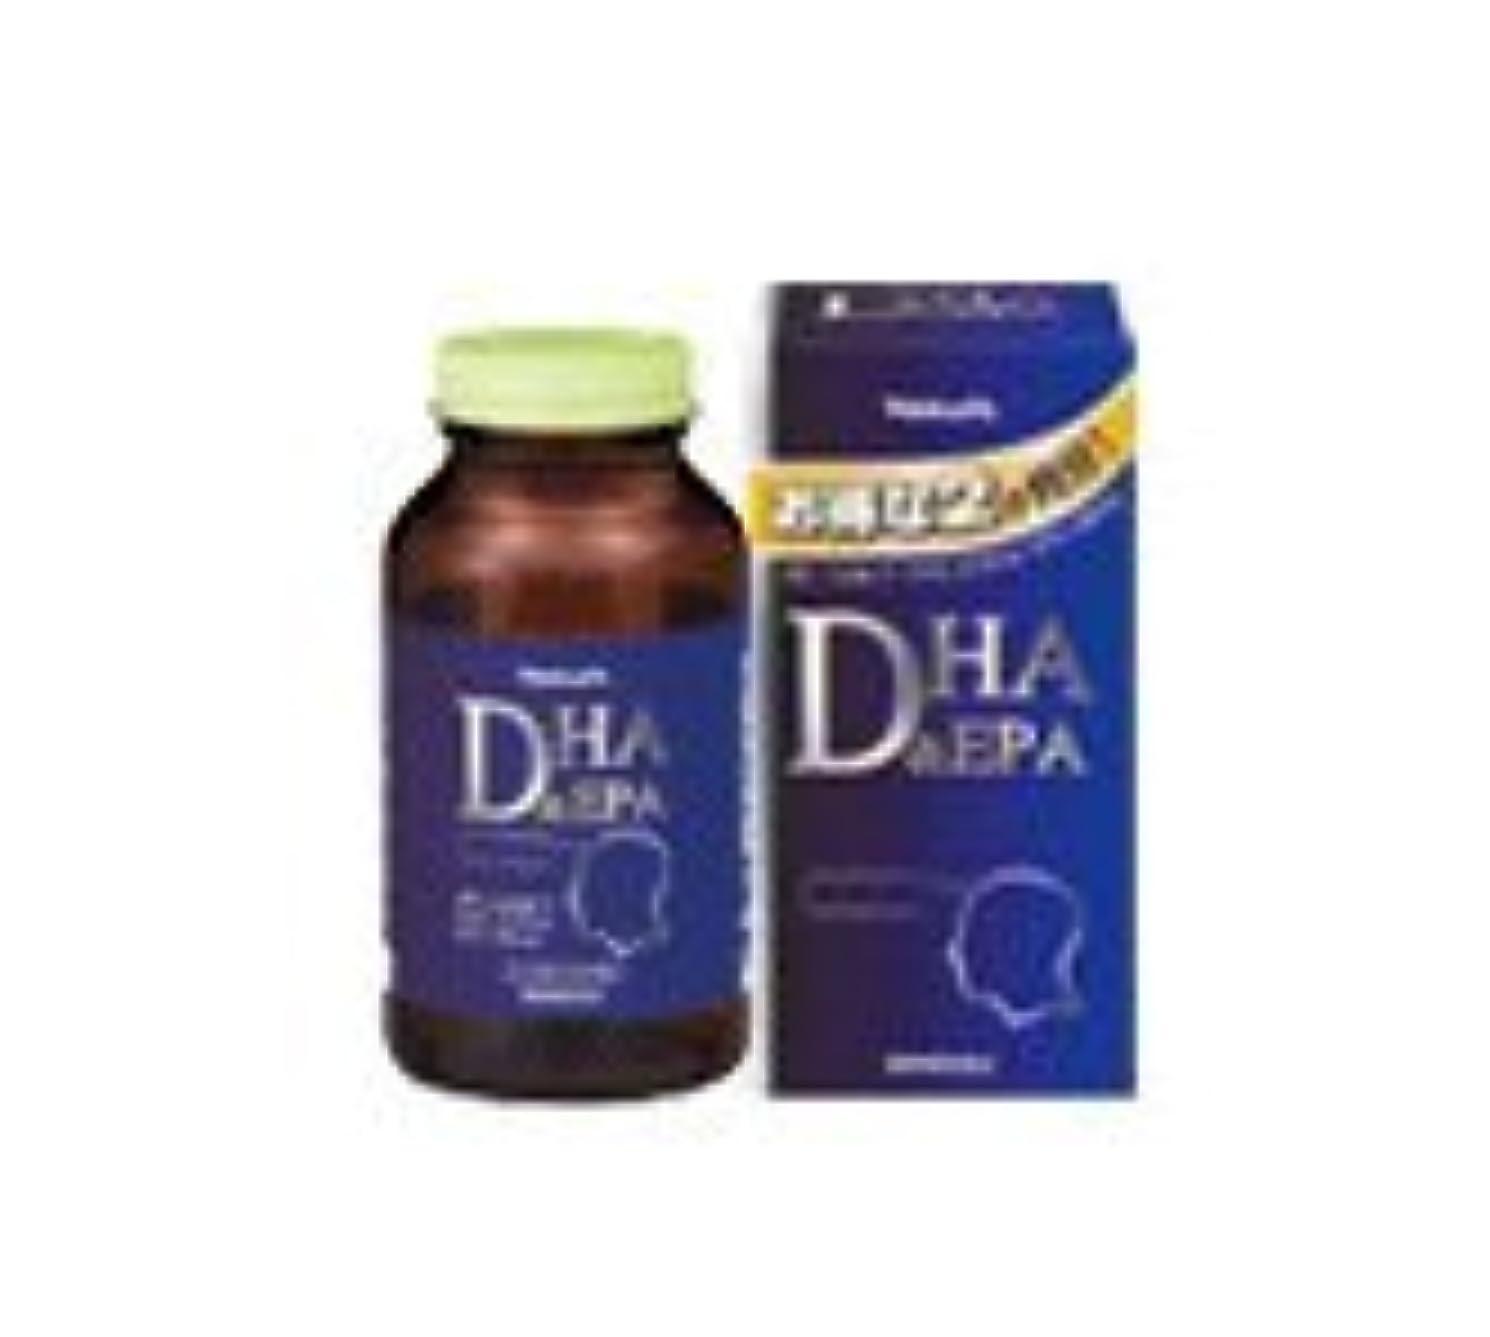 バルブ理想的には作物ヤクルトヘルスフーズDHA&EPA徳用(240粒)3箱